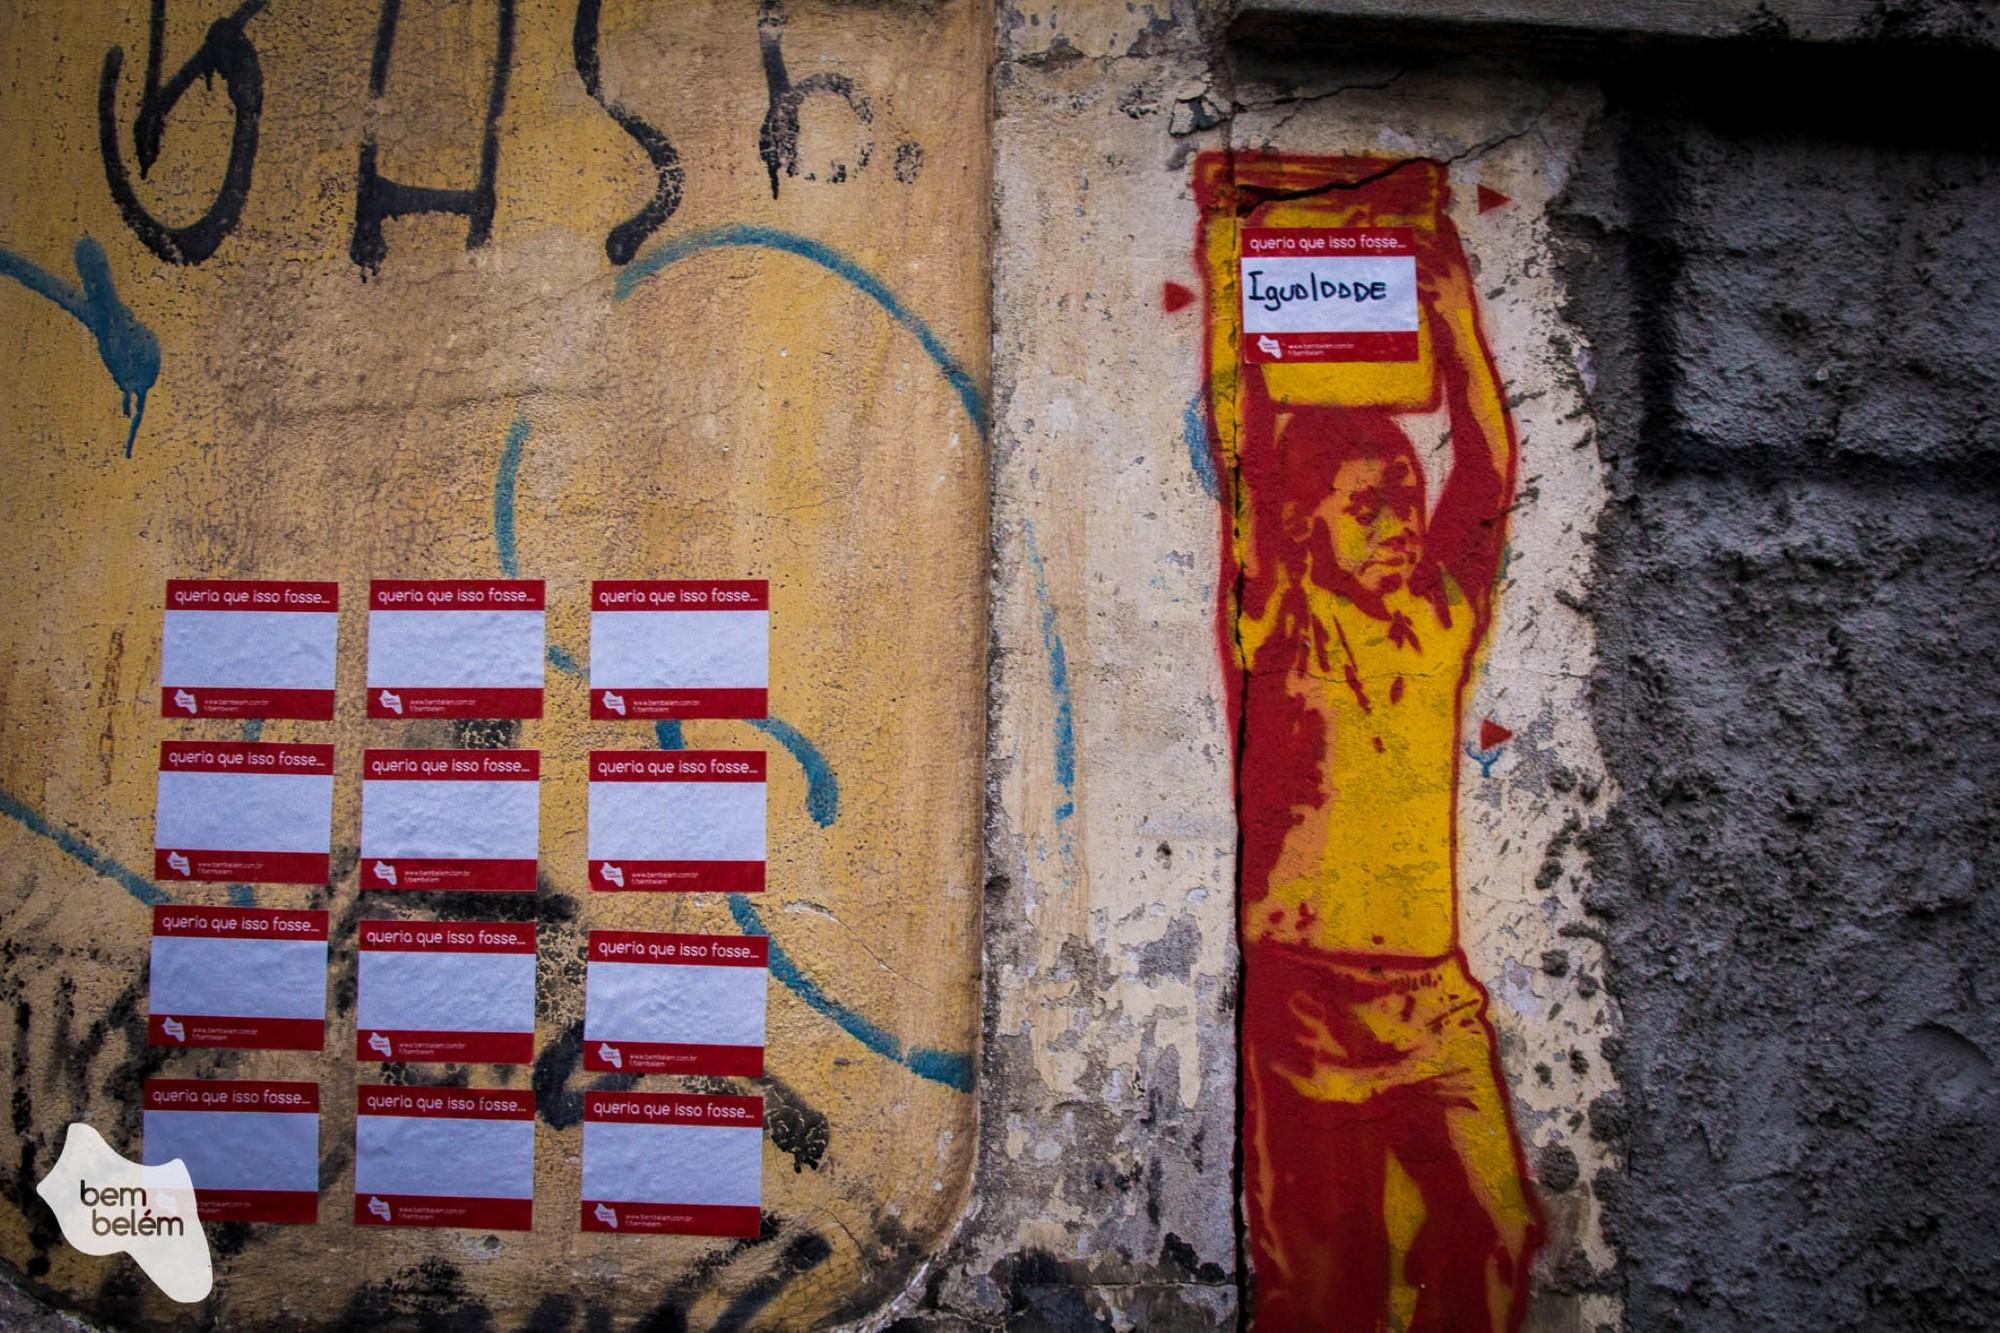 Proyecto Bem Belém: una intervención urbana basada en la participación comunitaria, © Bem Belém